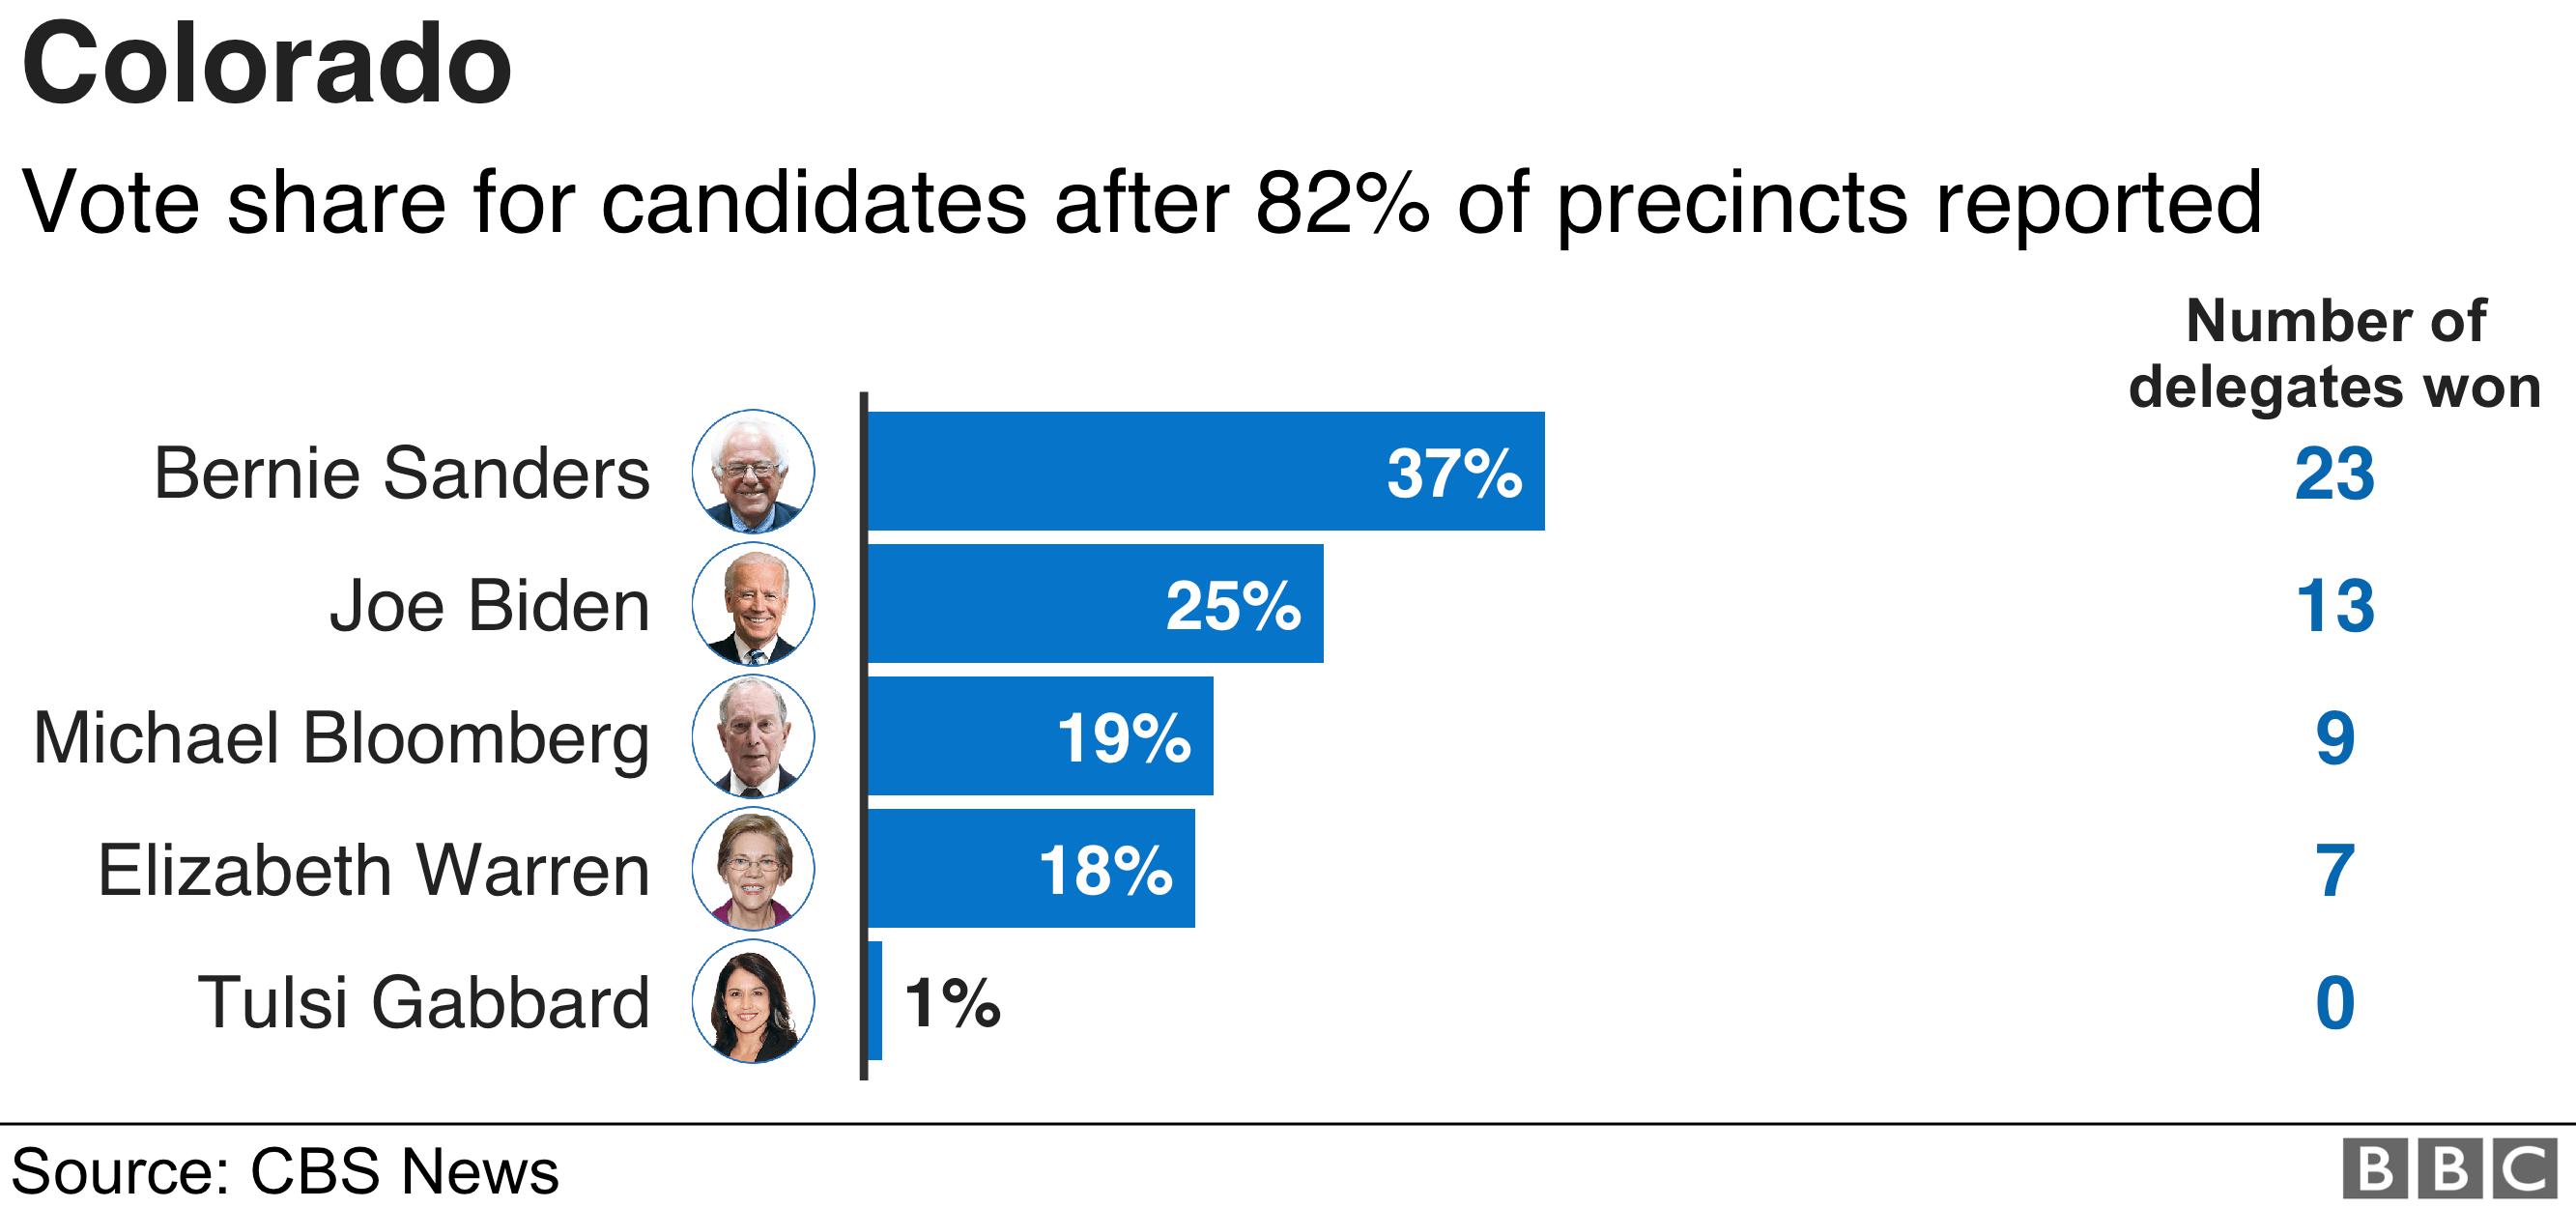 Colorado results